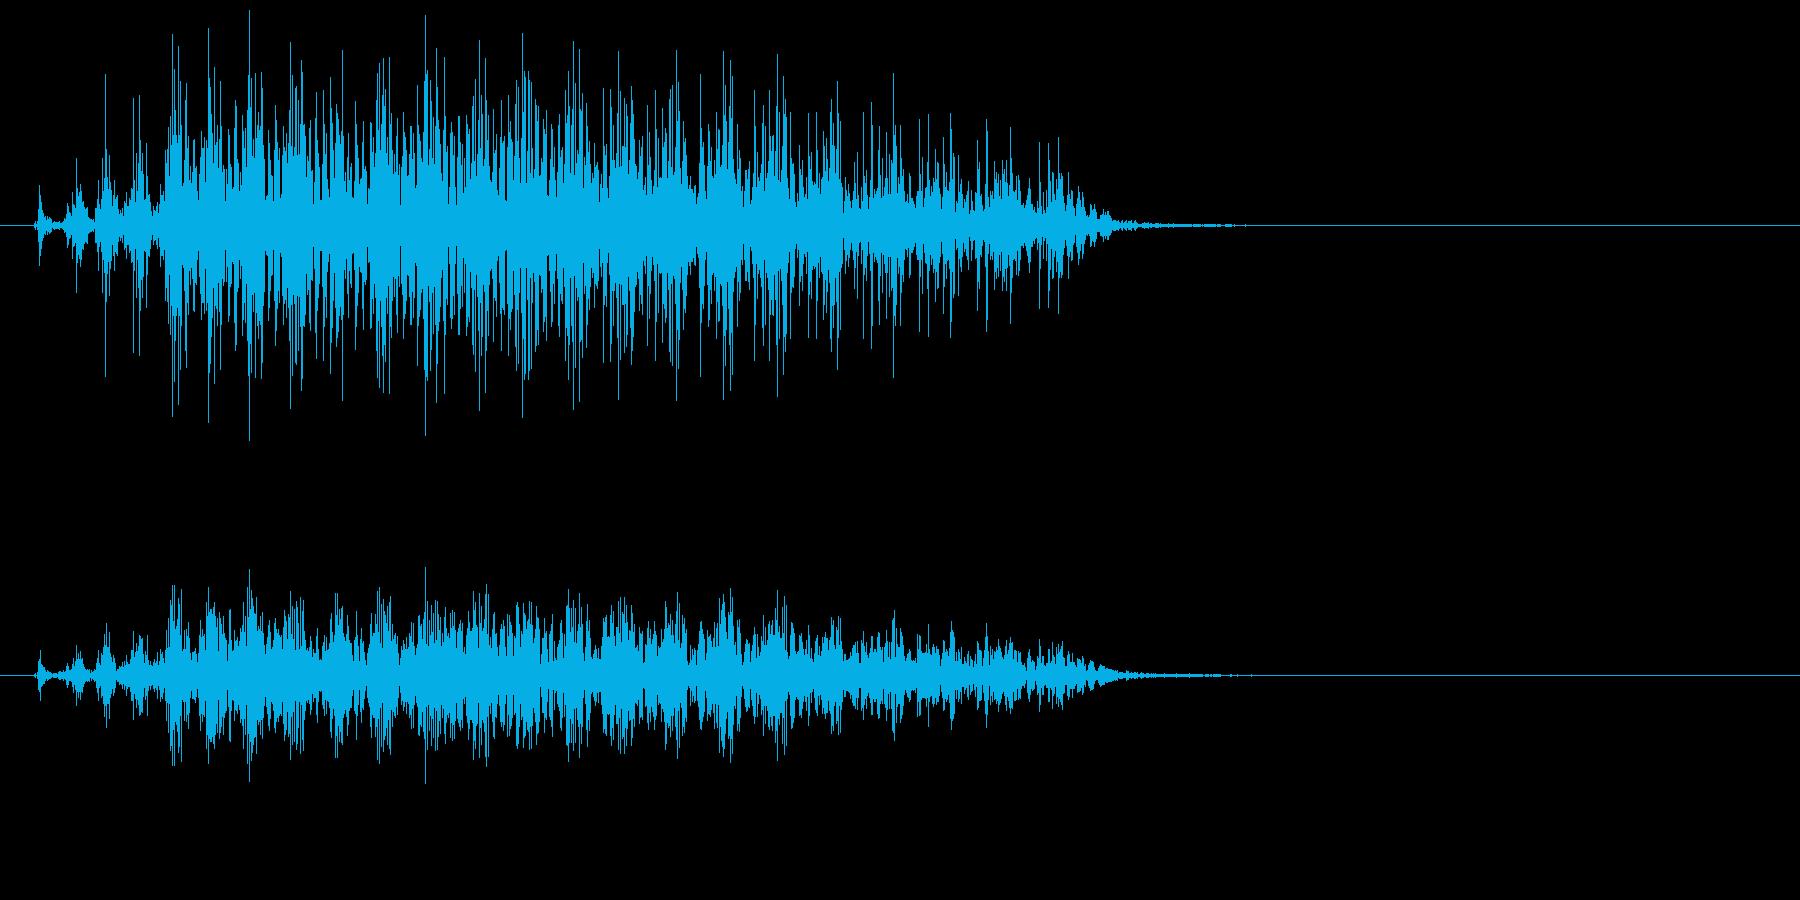 ハシボソガラスの鳴き声の再生済みの波形